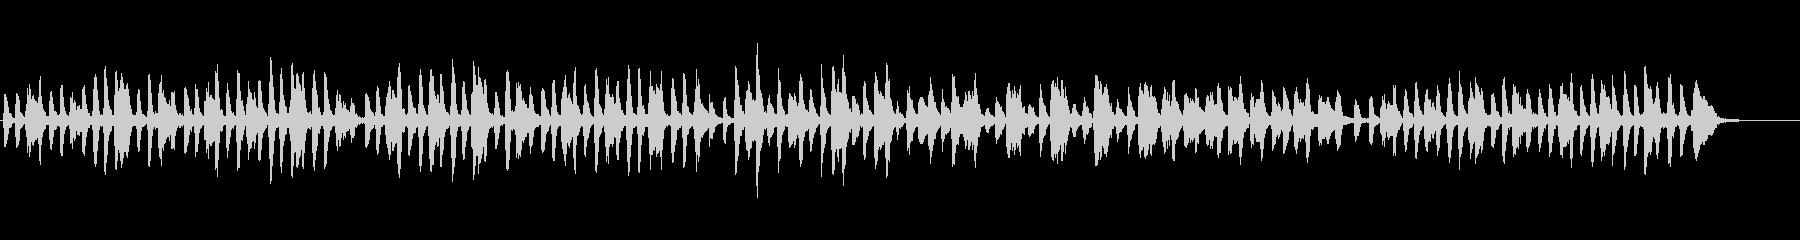 チャイコフスキーのポルカの未再生の波形